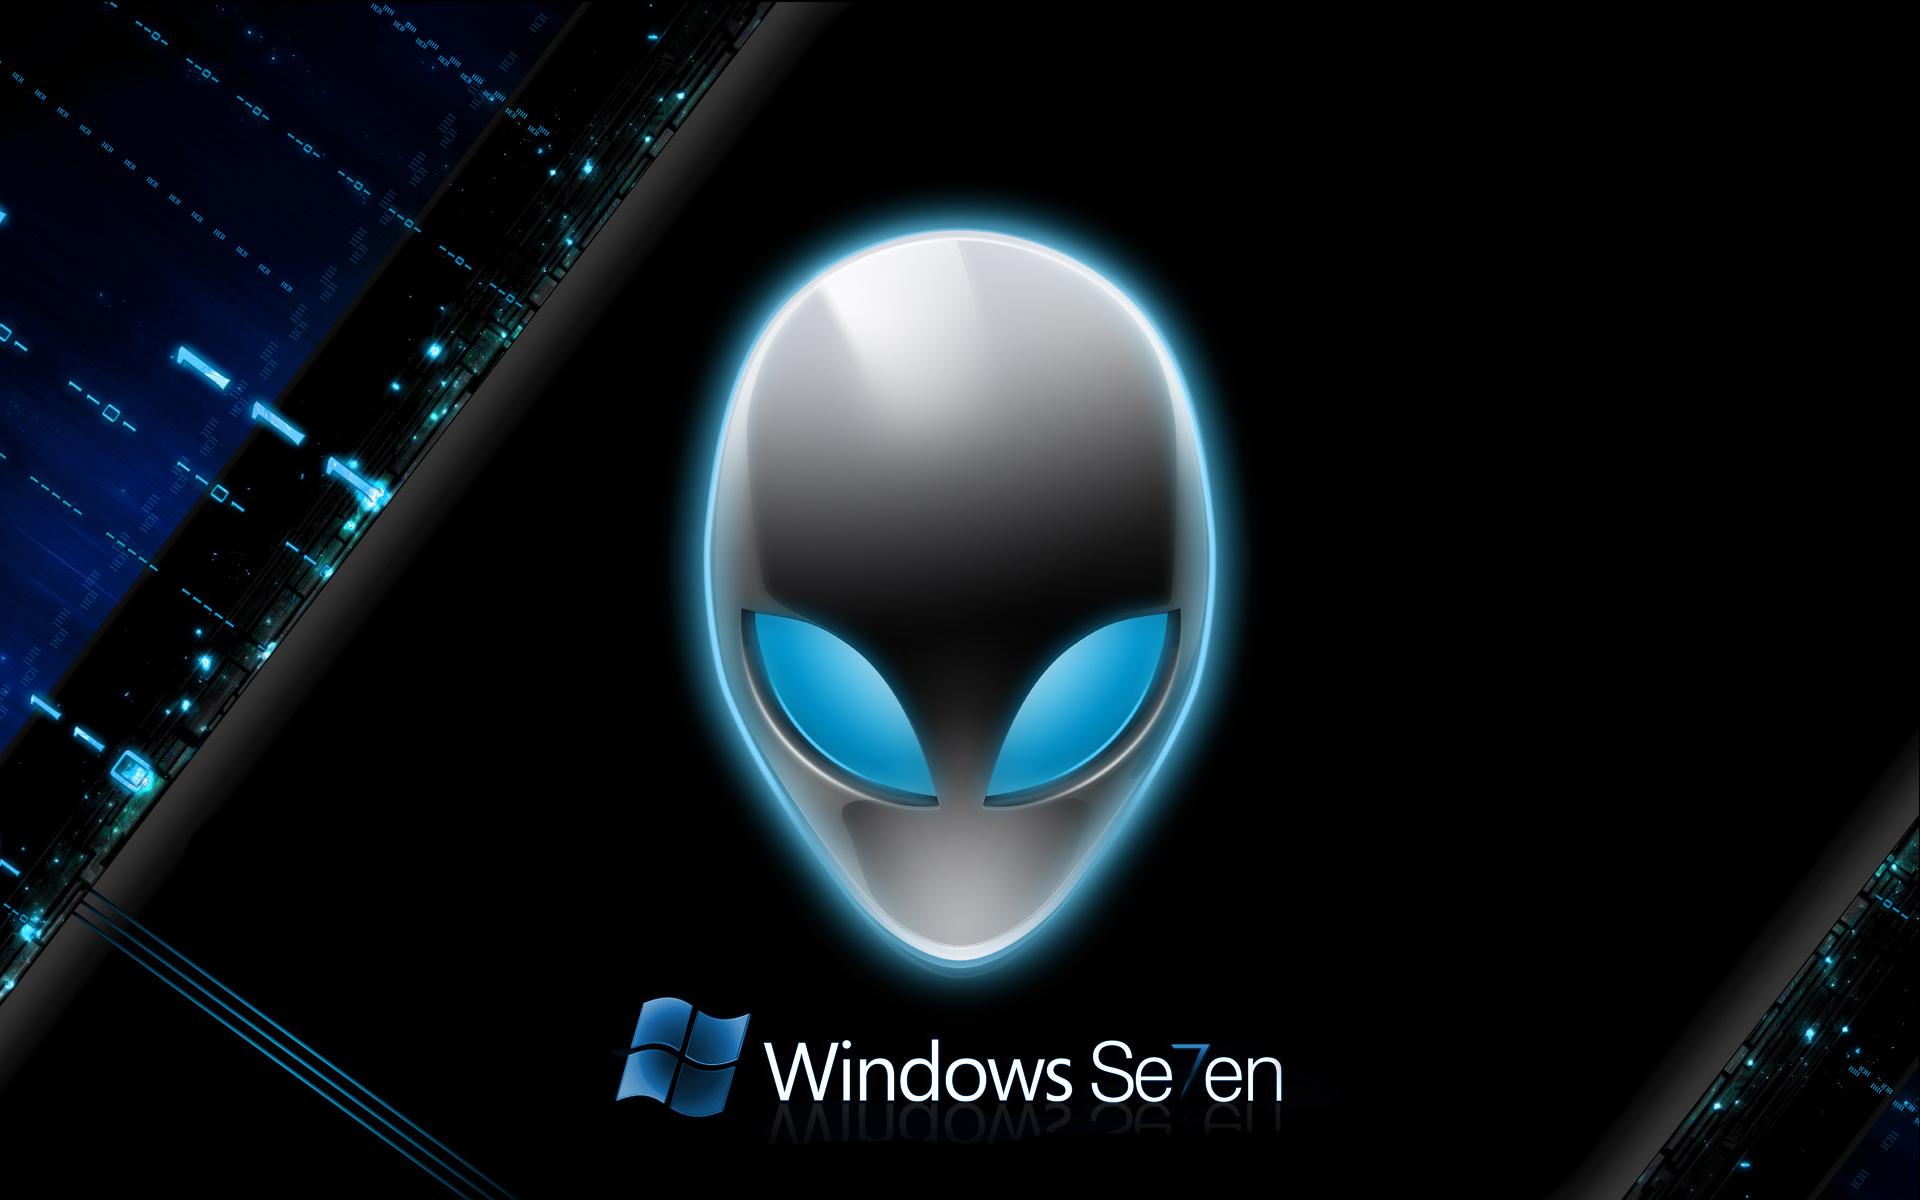 coders windows fan - photo #49